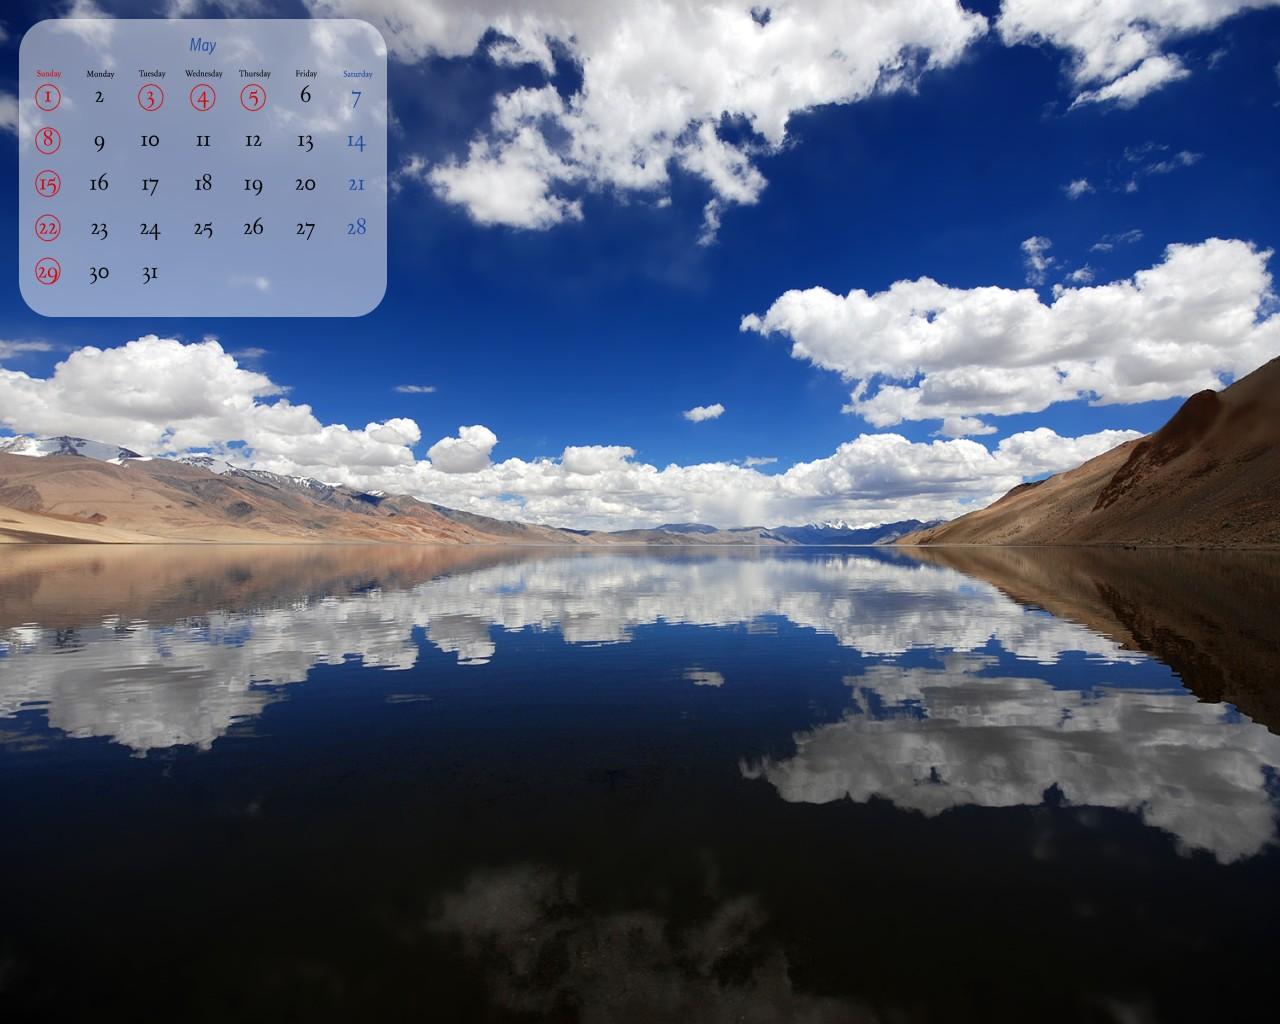 2011年無料の各月カレンダー ... : カレンダー 無料 シンプル : カレンダー